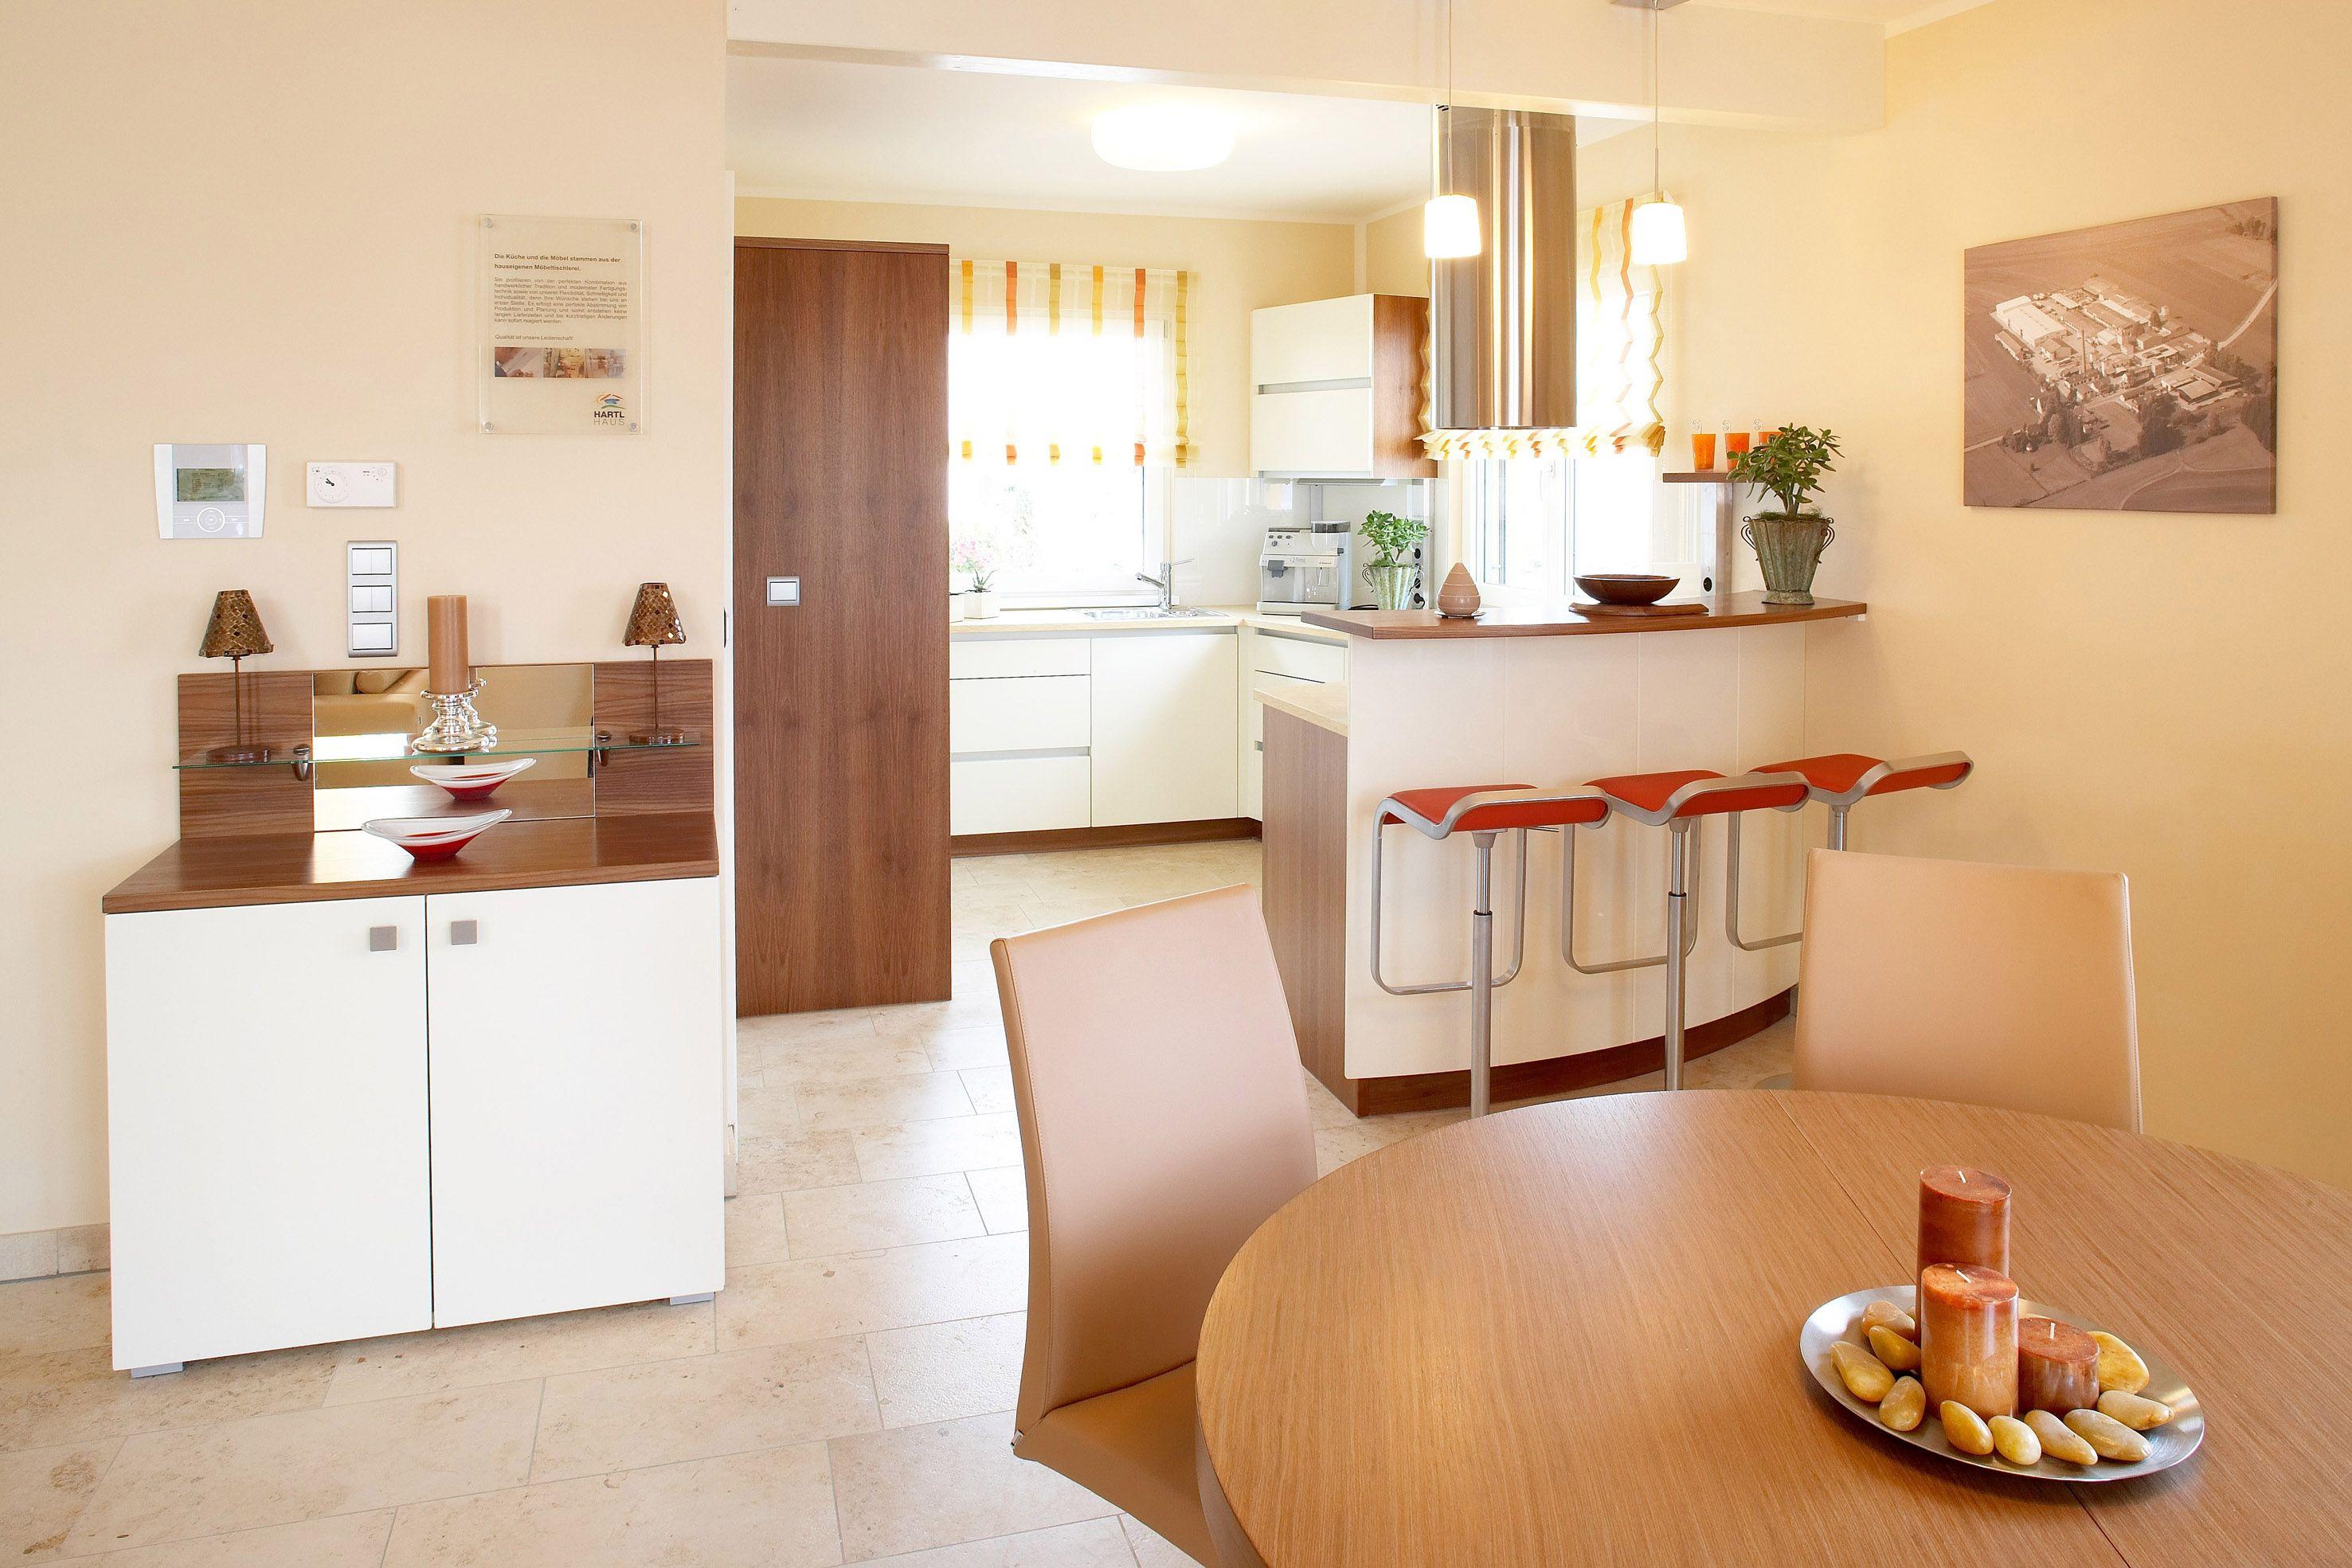 Hartl Haus Musterhaus Elegance 122 W Kuche Barrierefreies Wohnen Hartl Haus Offene Wohnraume